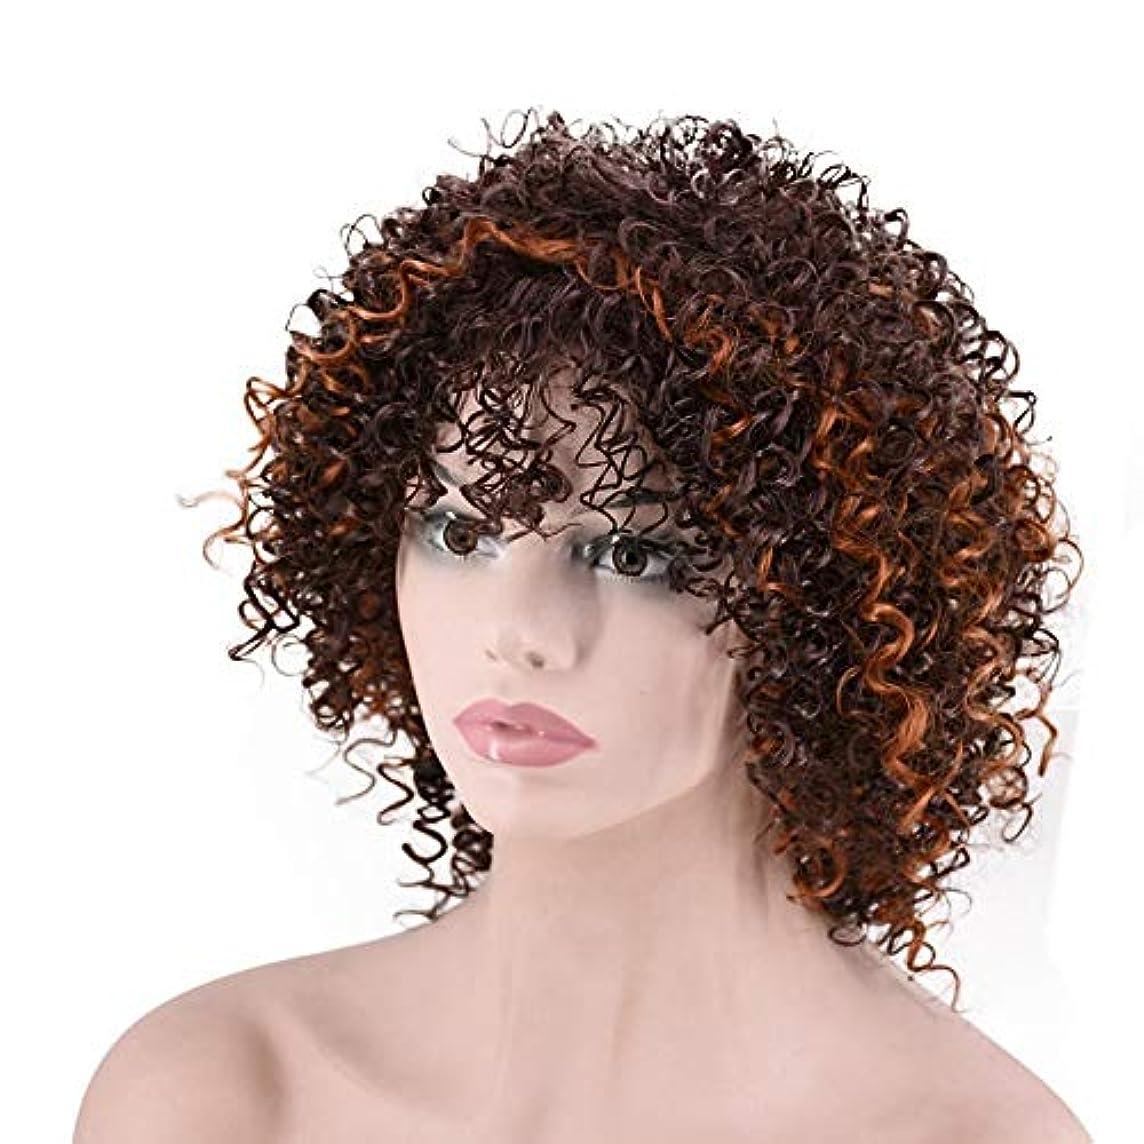 親愛な蒸酸っぱいYOUQIU 女性のデイリードレスウィッグのための短い波状カーリーヘアブラウン熱金庫人工毛 (色 : Photo Color)